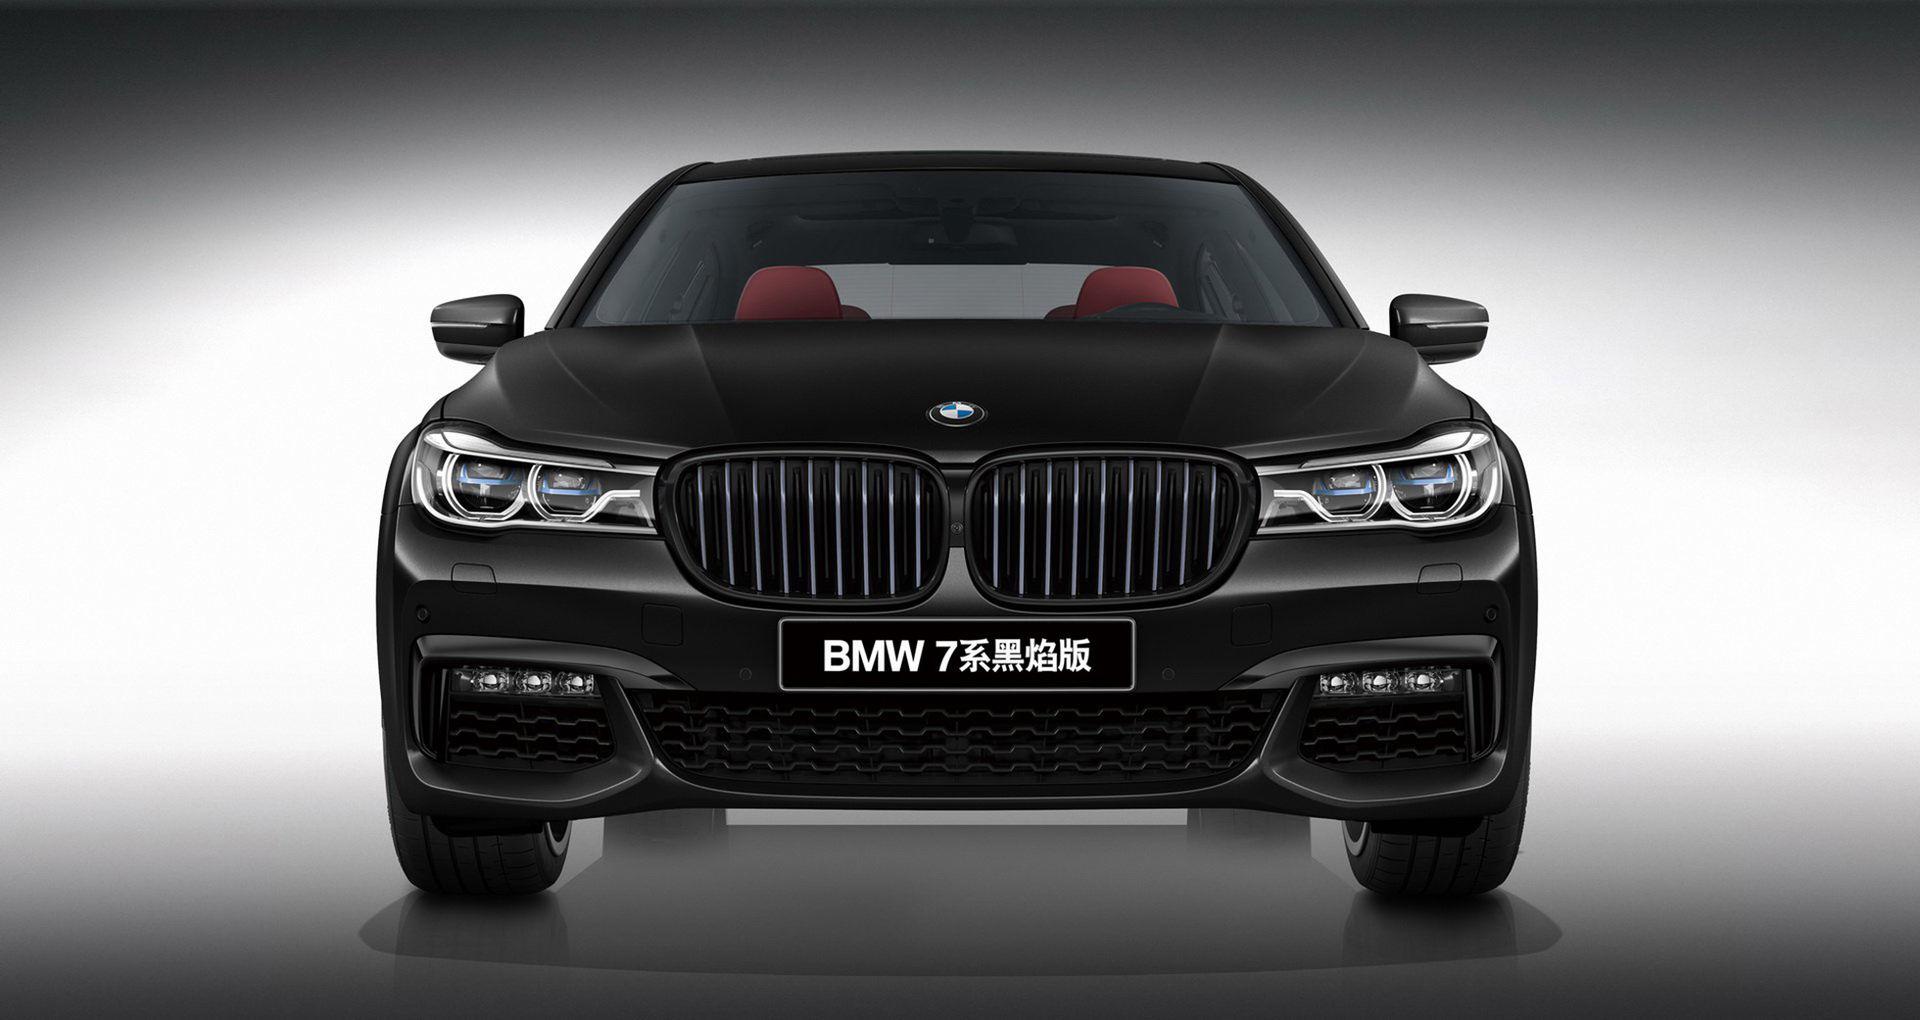 Förra BMW 7-seriens grill försvinner med Black Fire Edition